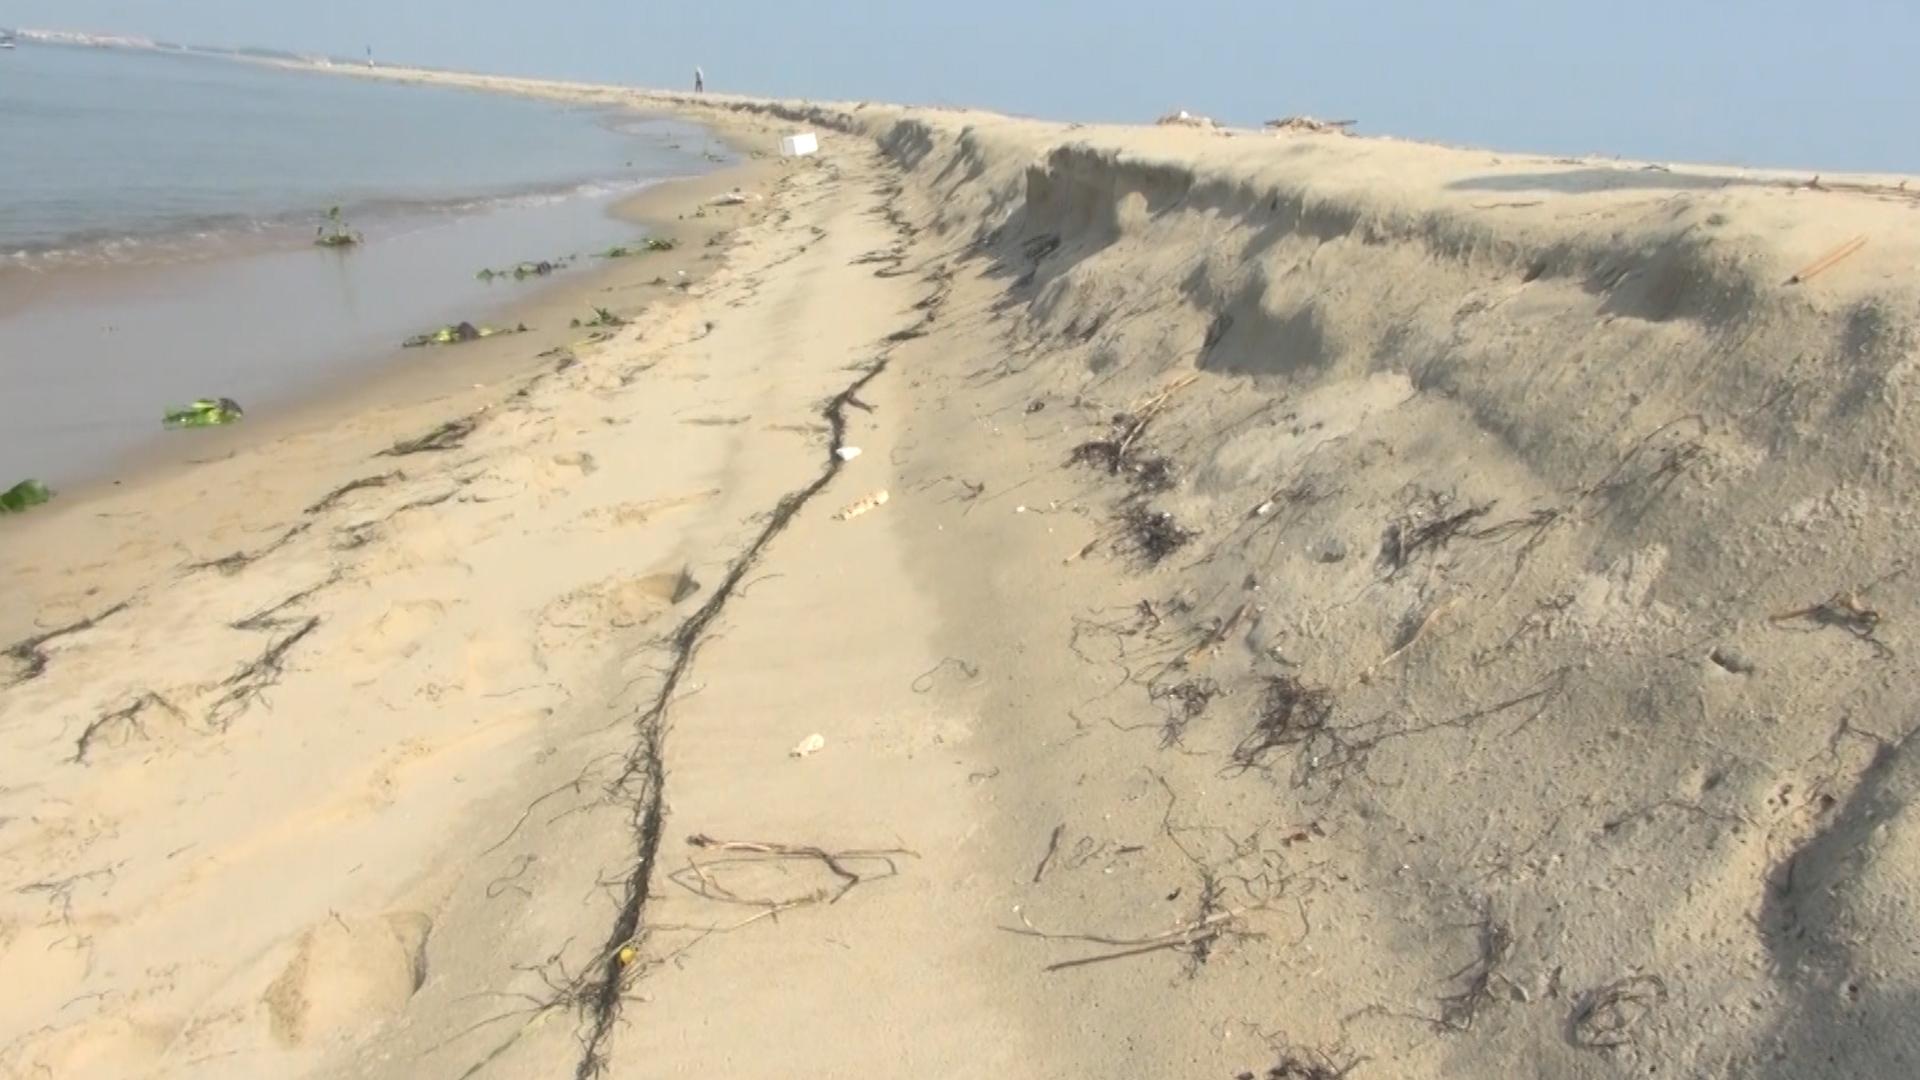 Cồn cát trên biển Cửa Đại rộng thêm 50 m